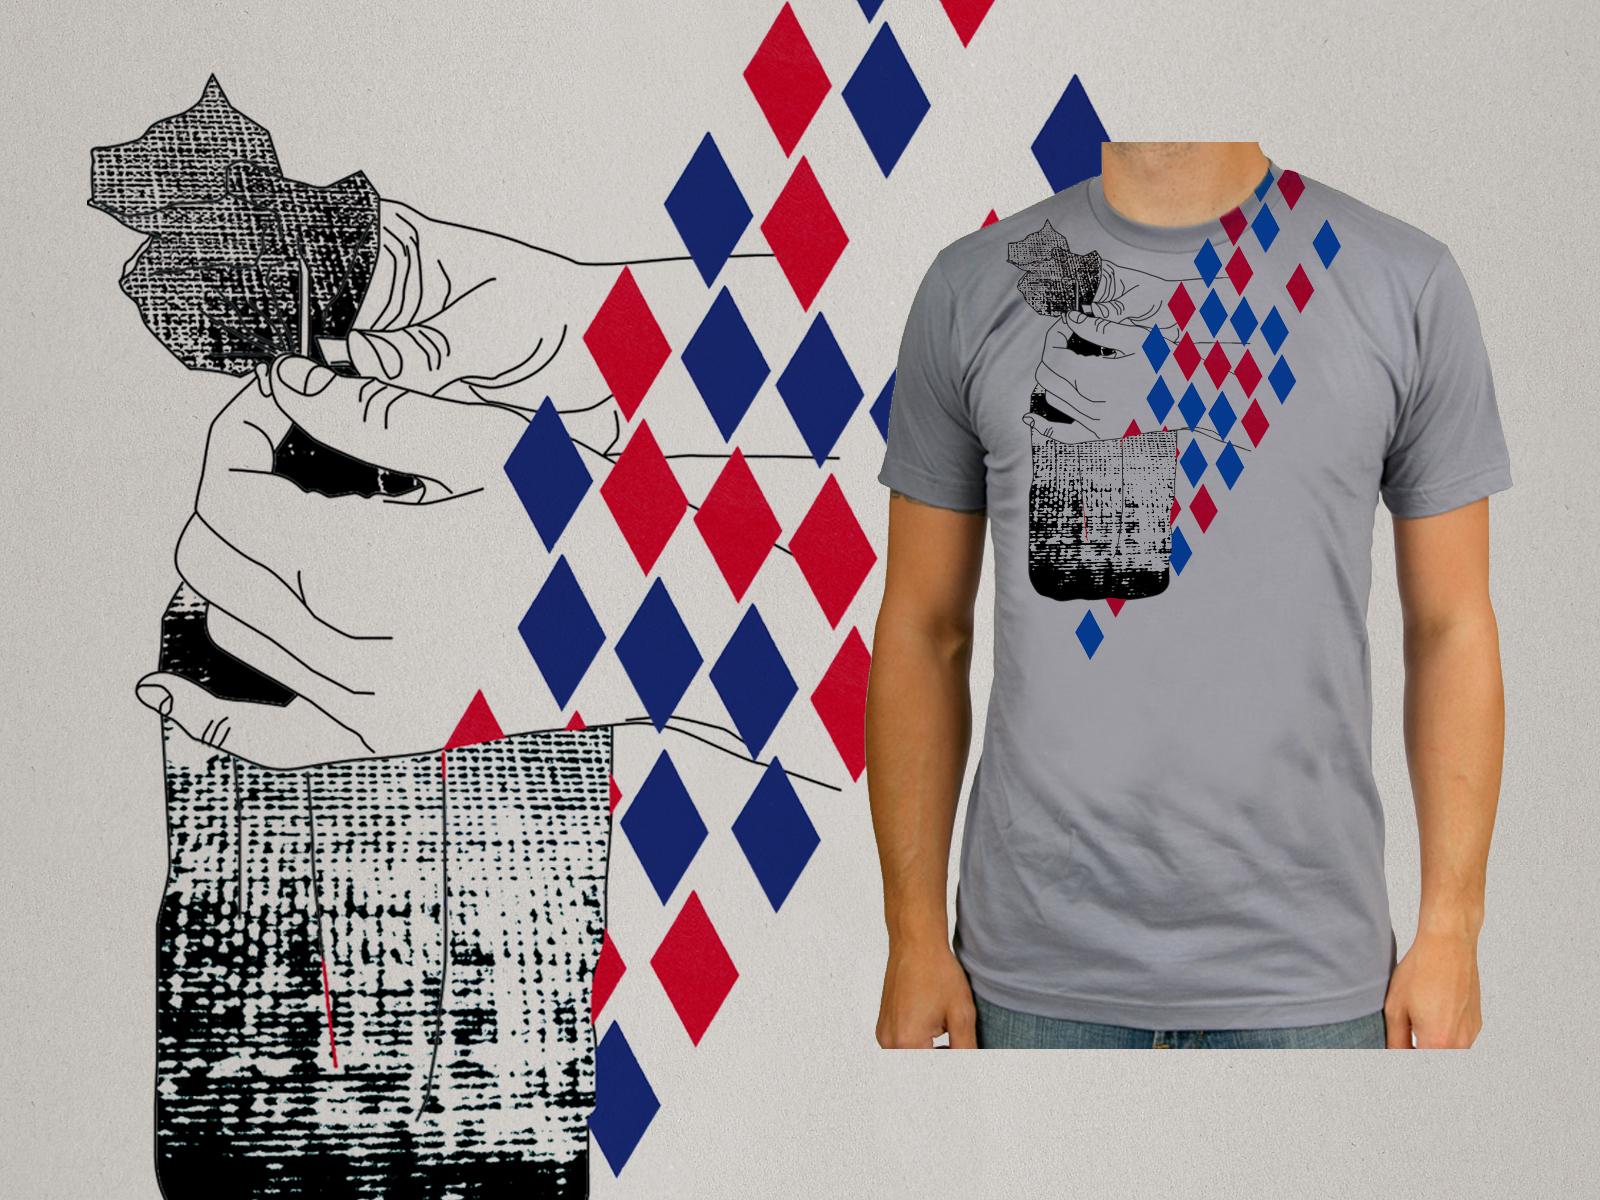 shirt_06.jpg